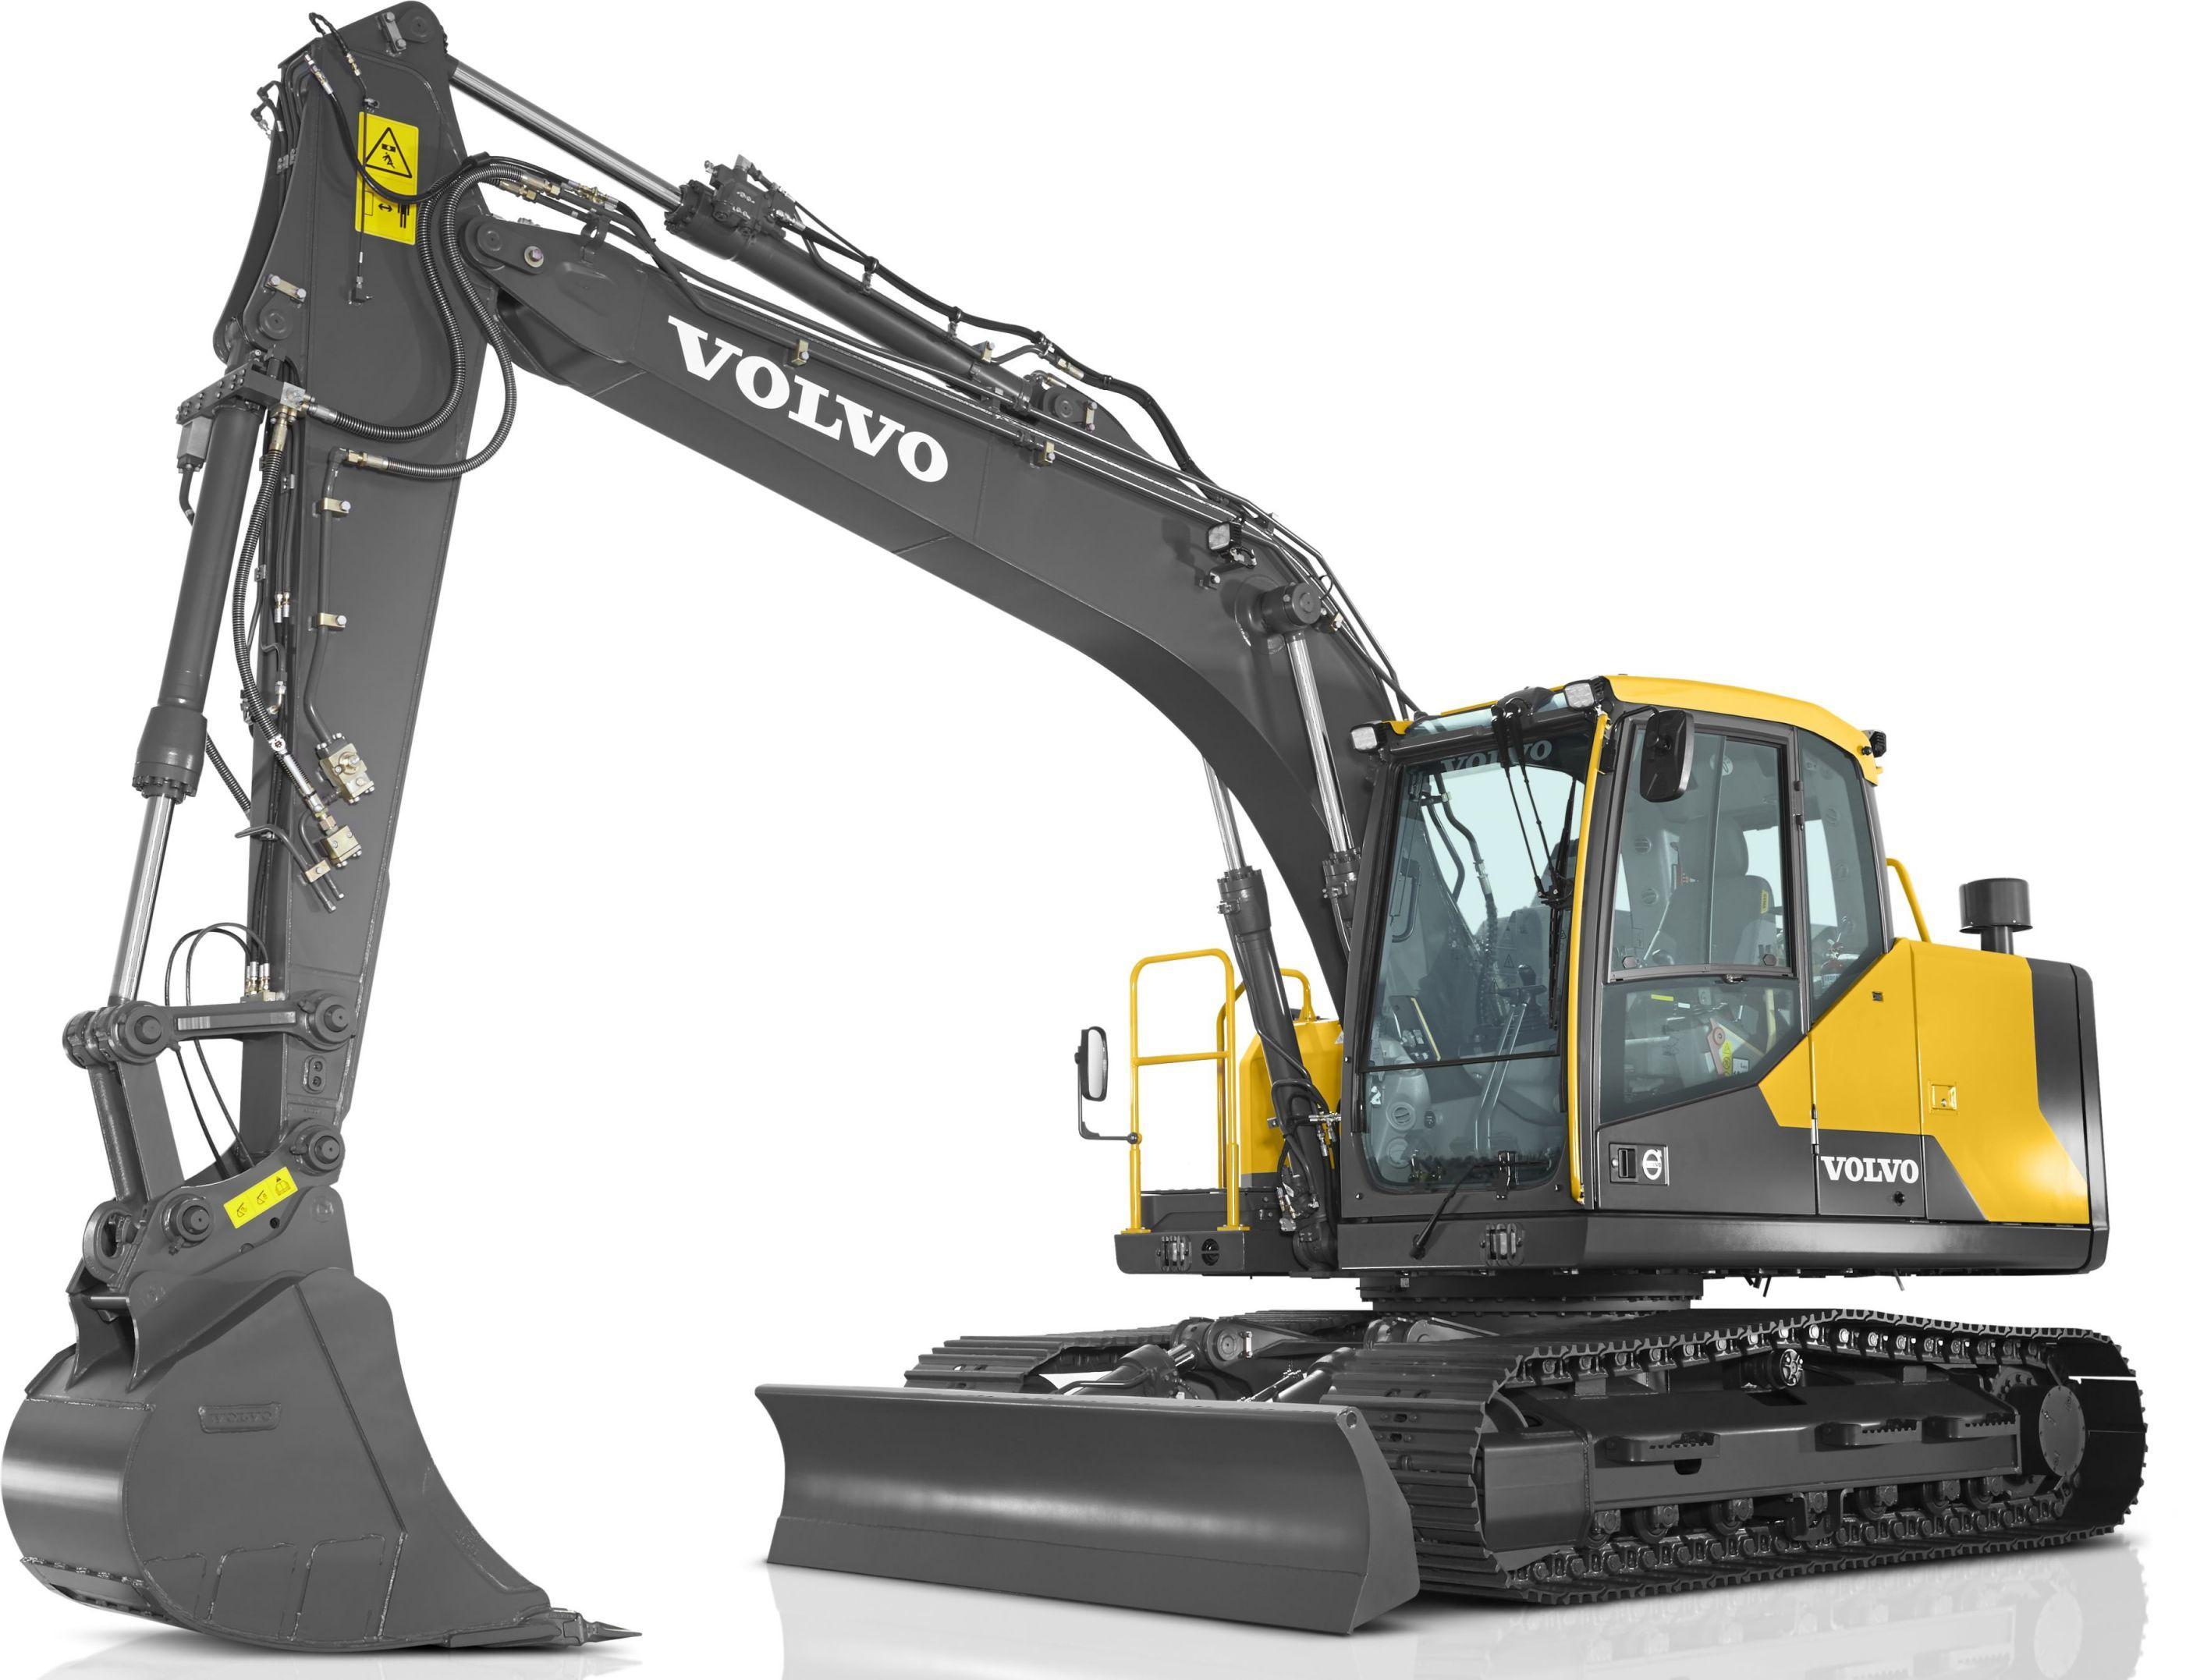 Volvo EC140 LC, EC140 LCM, EC140B LC, EC140B LCM, EC140C L, EC140C LM,  EC140D L, EC140D LM, EC140E L, EC140E LM Excavators Service Repair Manual    A++ Repair Manual Store   Volvo Ec140b Wiring Diagram      A++ Repair Manual Store